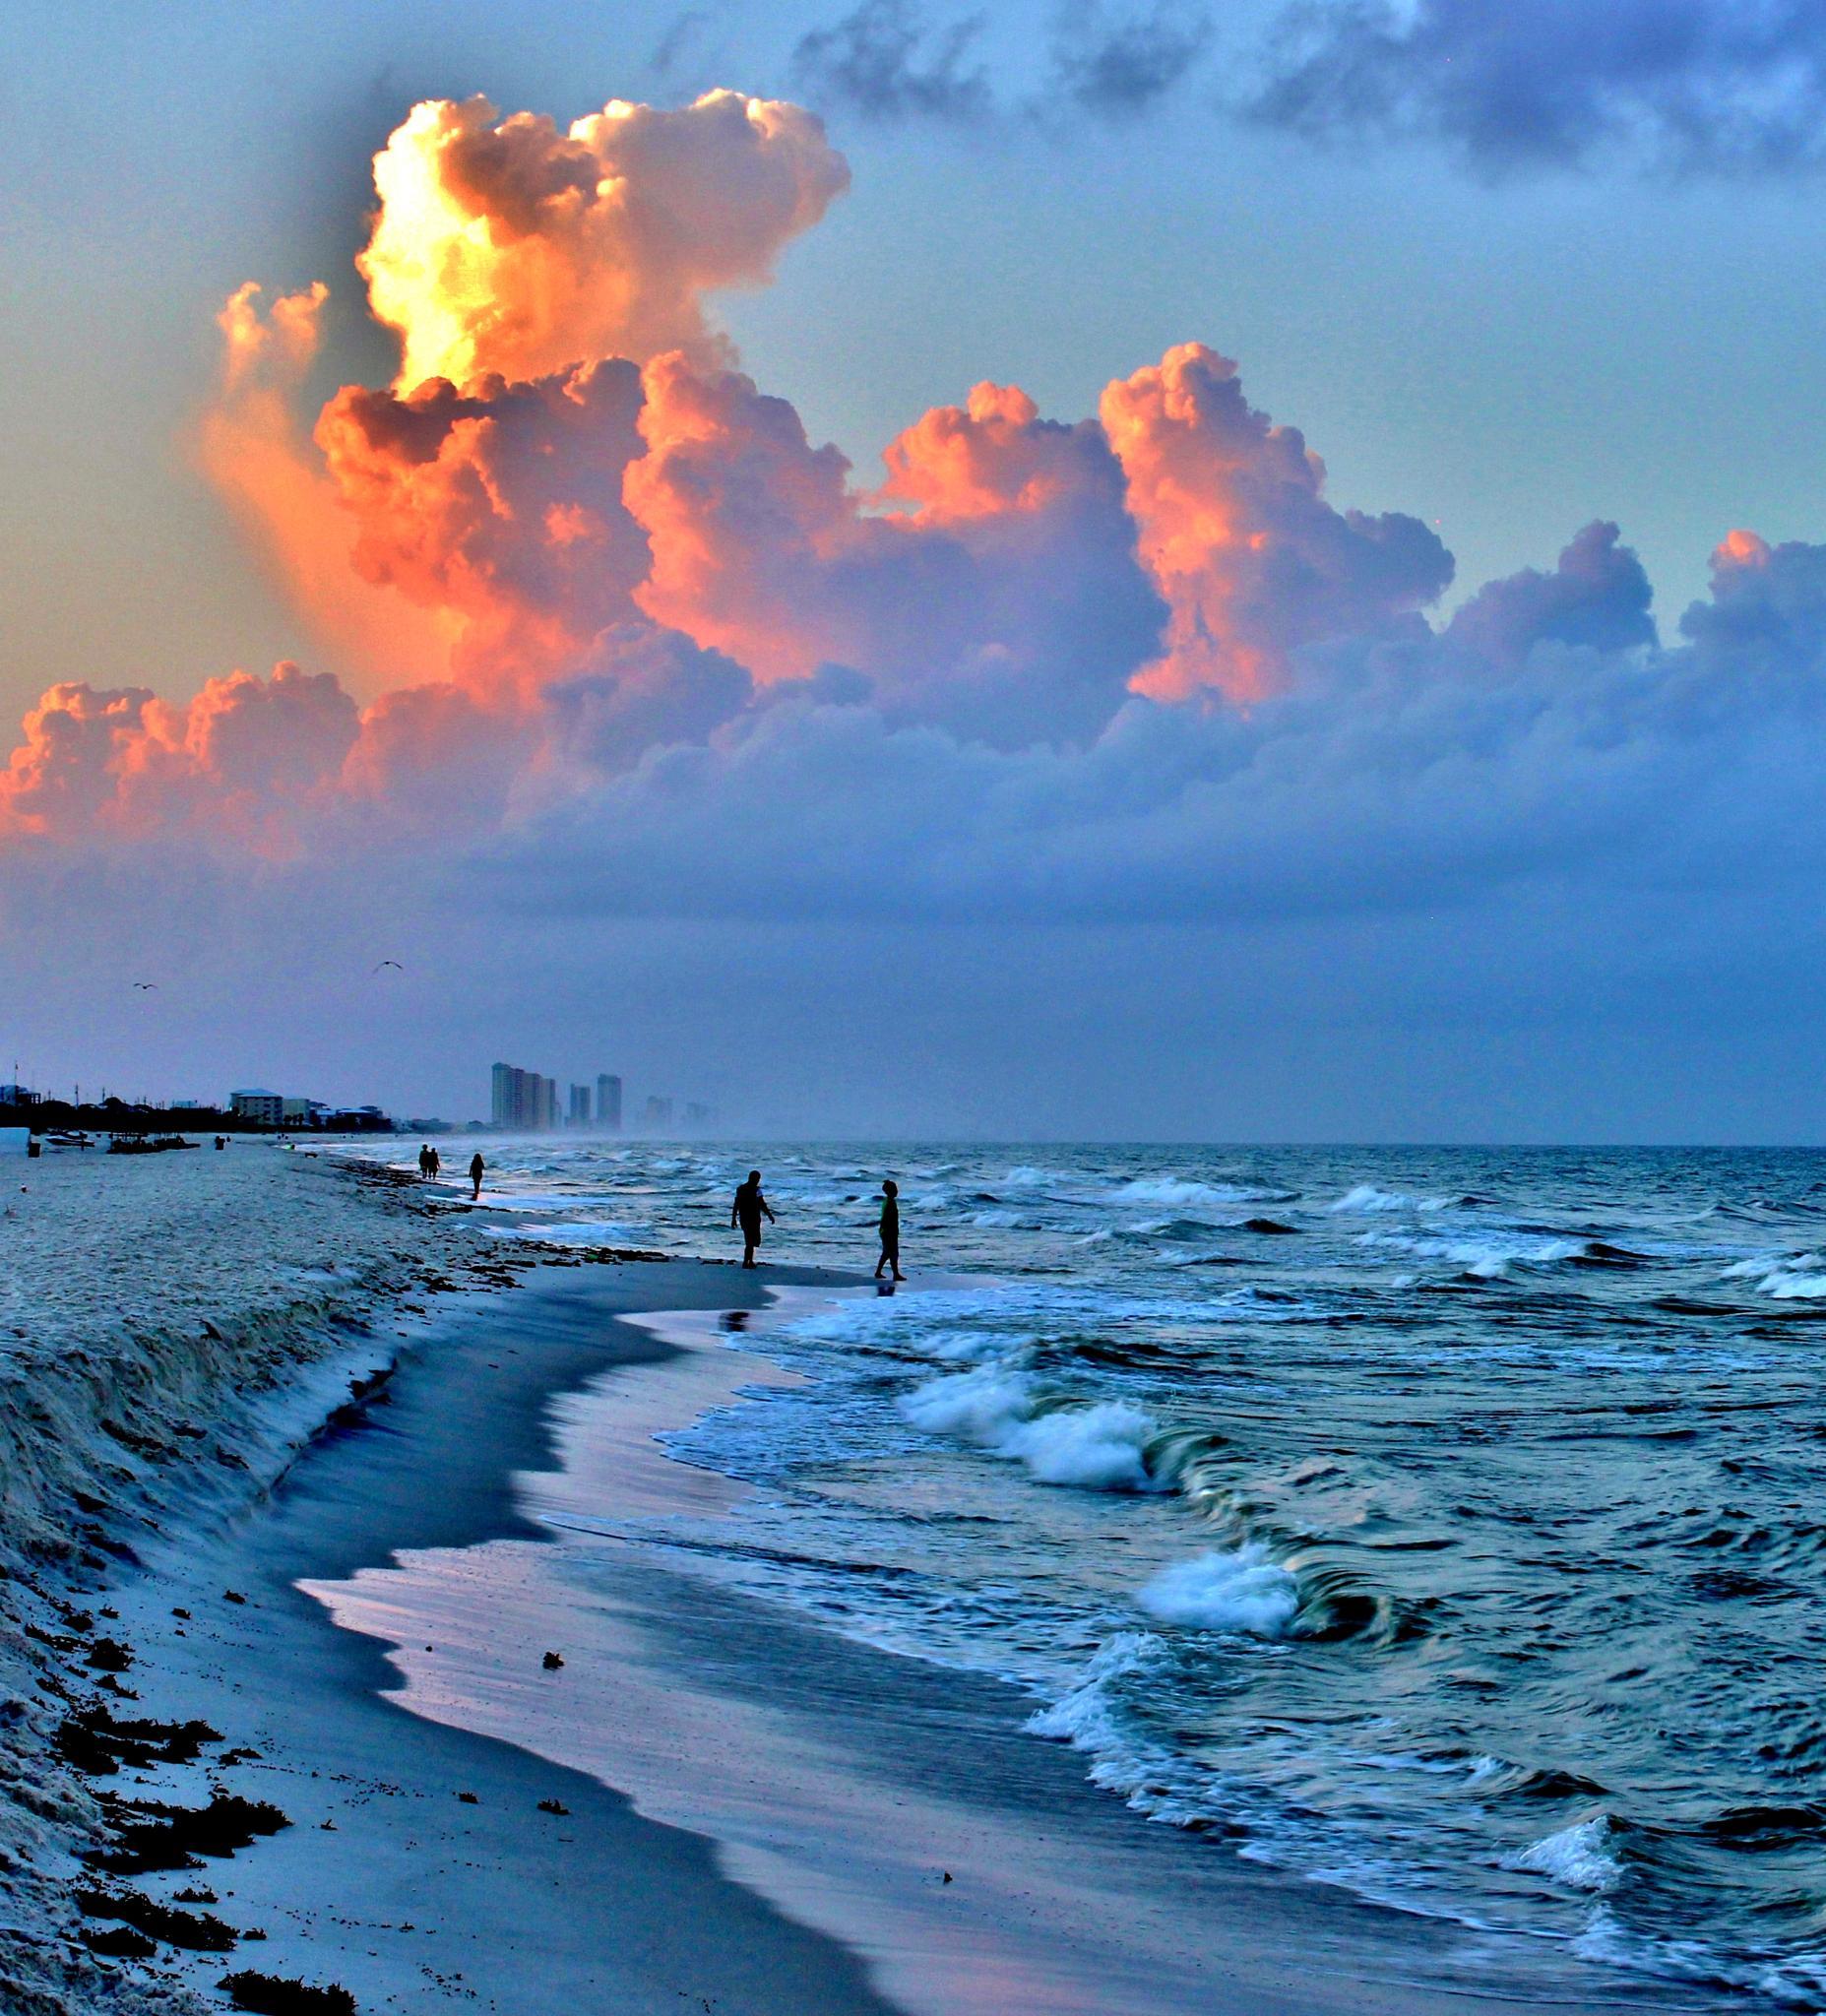 Sunrise on Thunderheads by garylatone